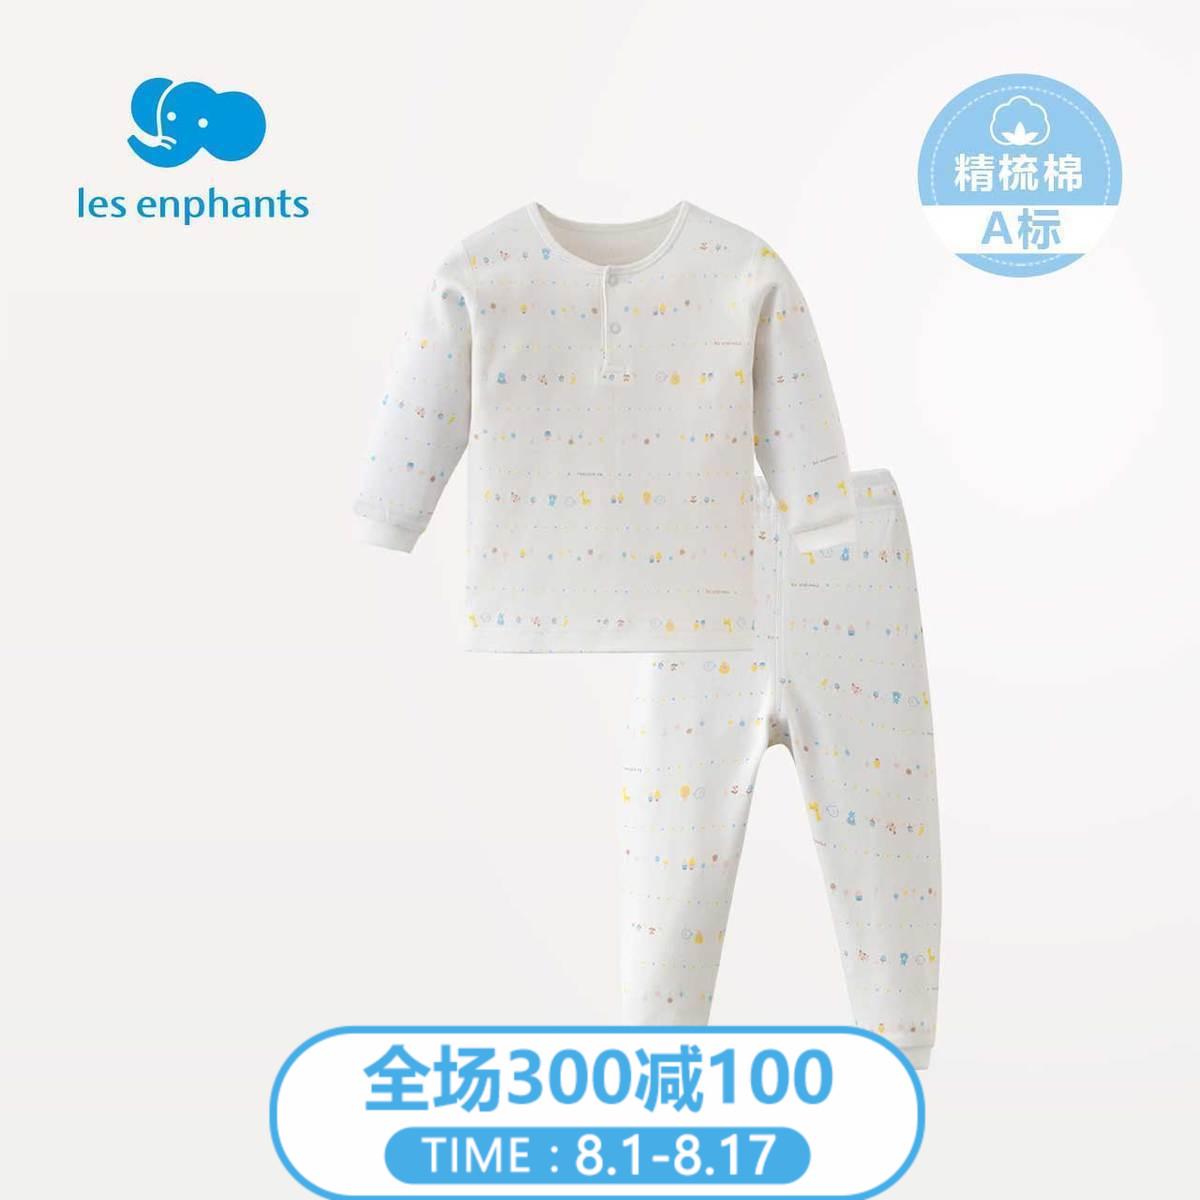 丽婴房童装婴幼儿儿童针织内衣(两粒扣套装)男女宝宝纯棉2018新